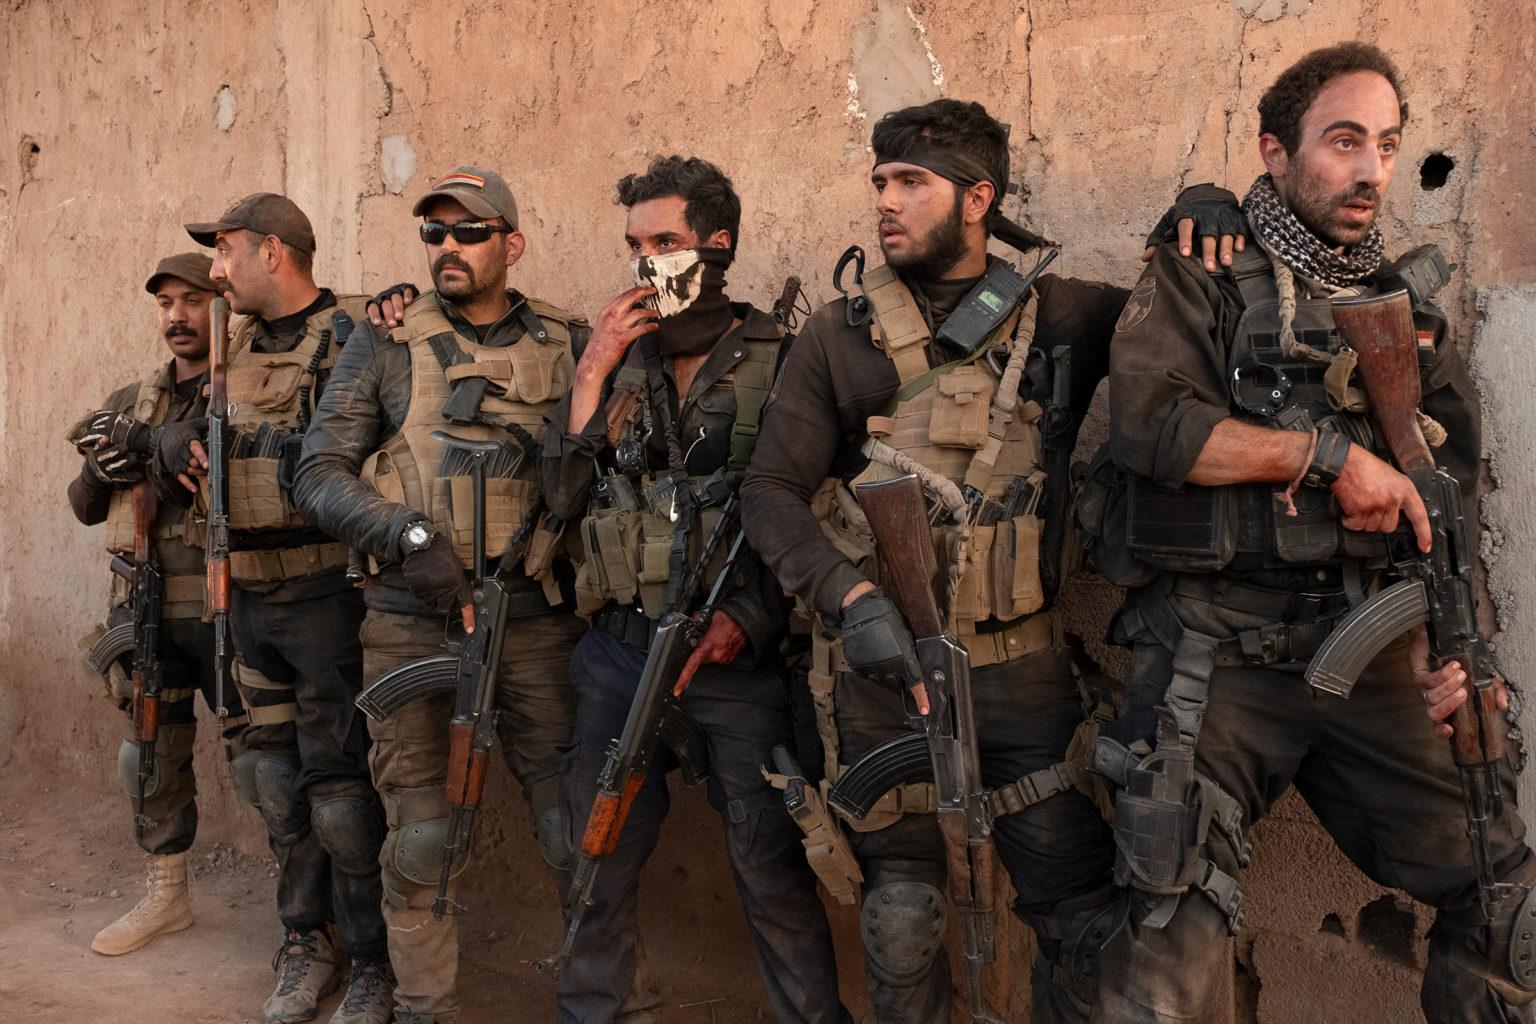 Mossoul : bande-annonce explosive du film produit par les frères Russo